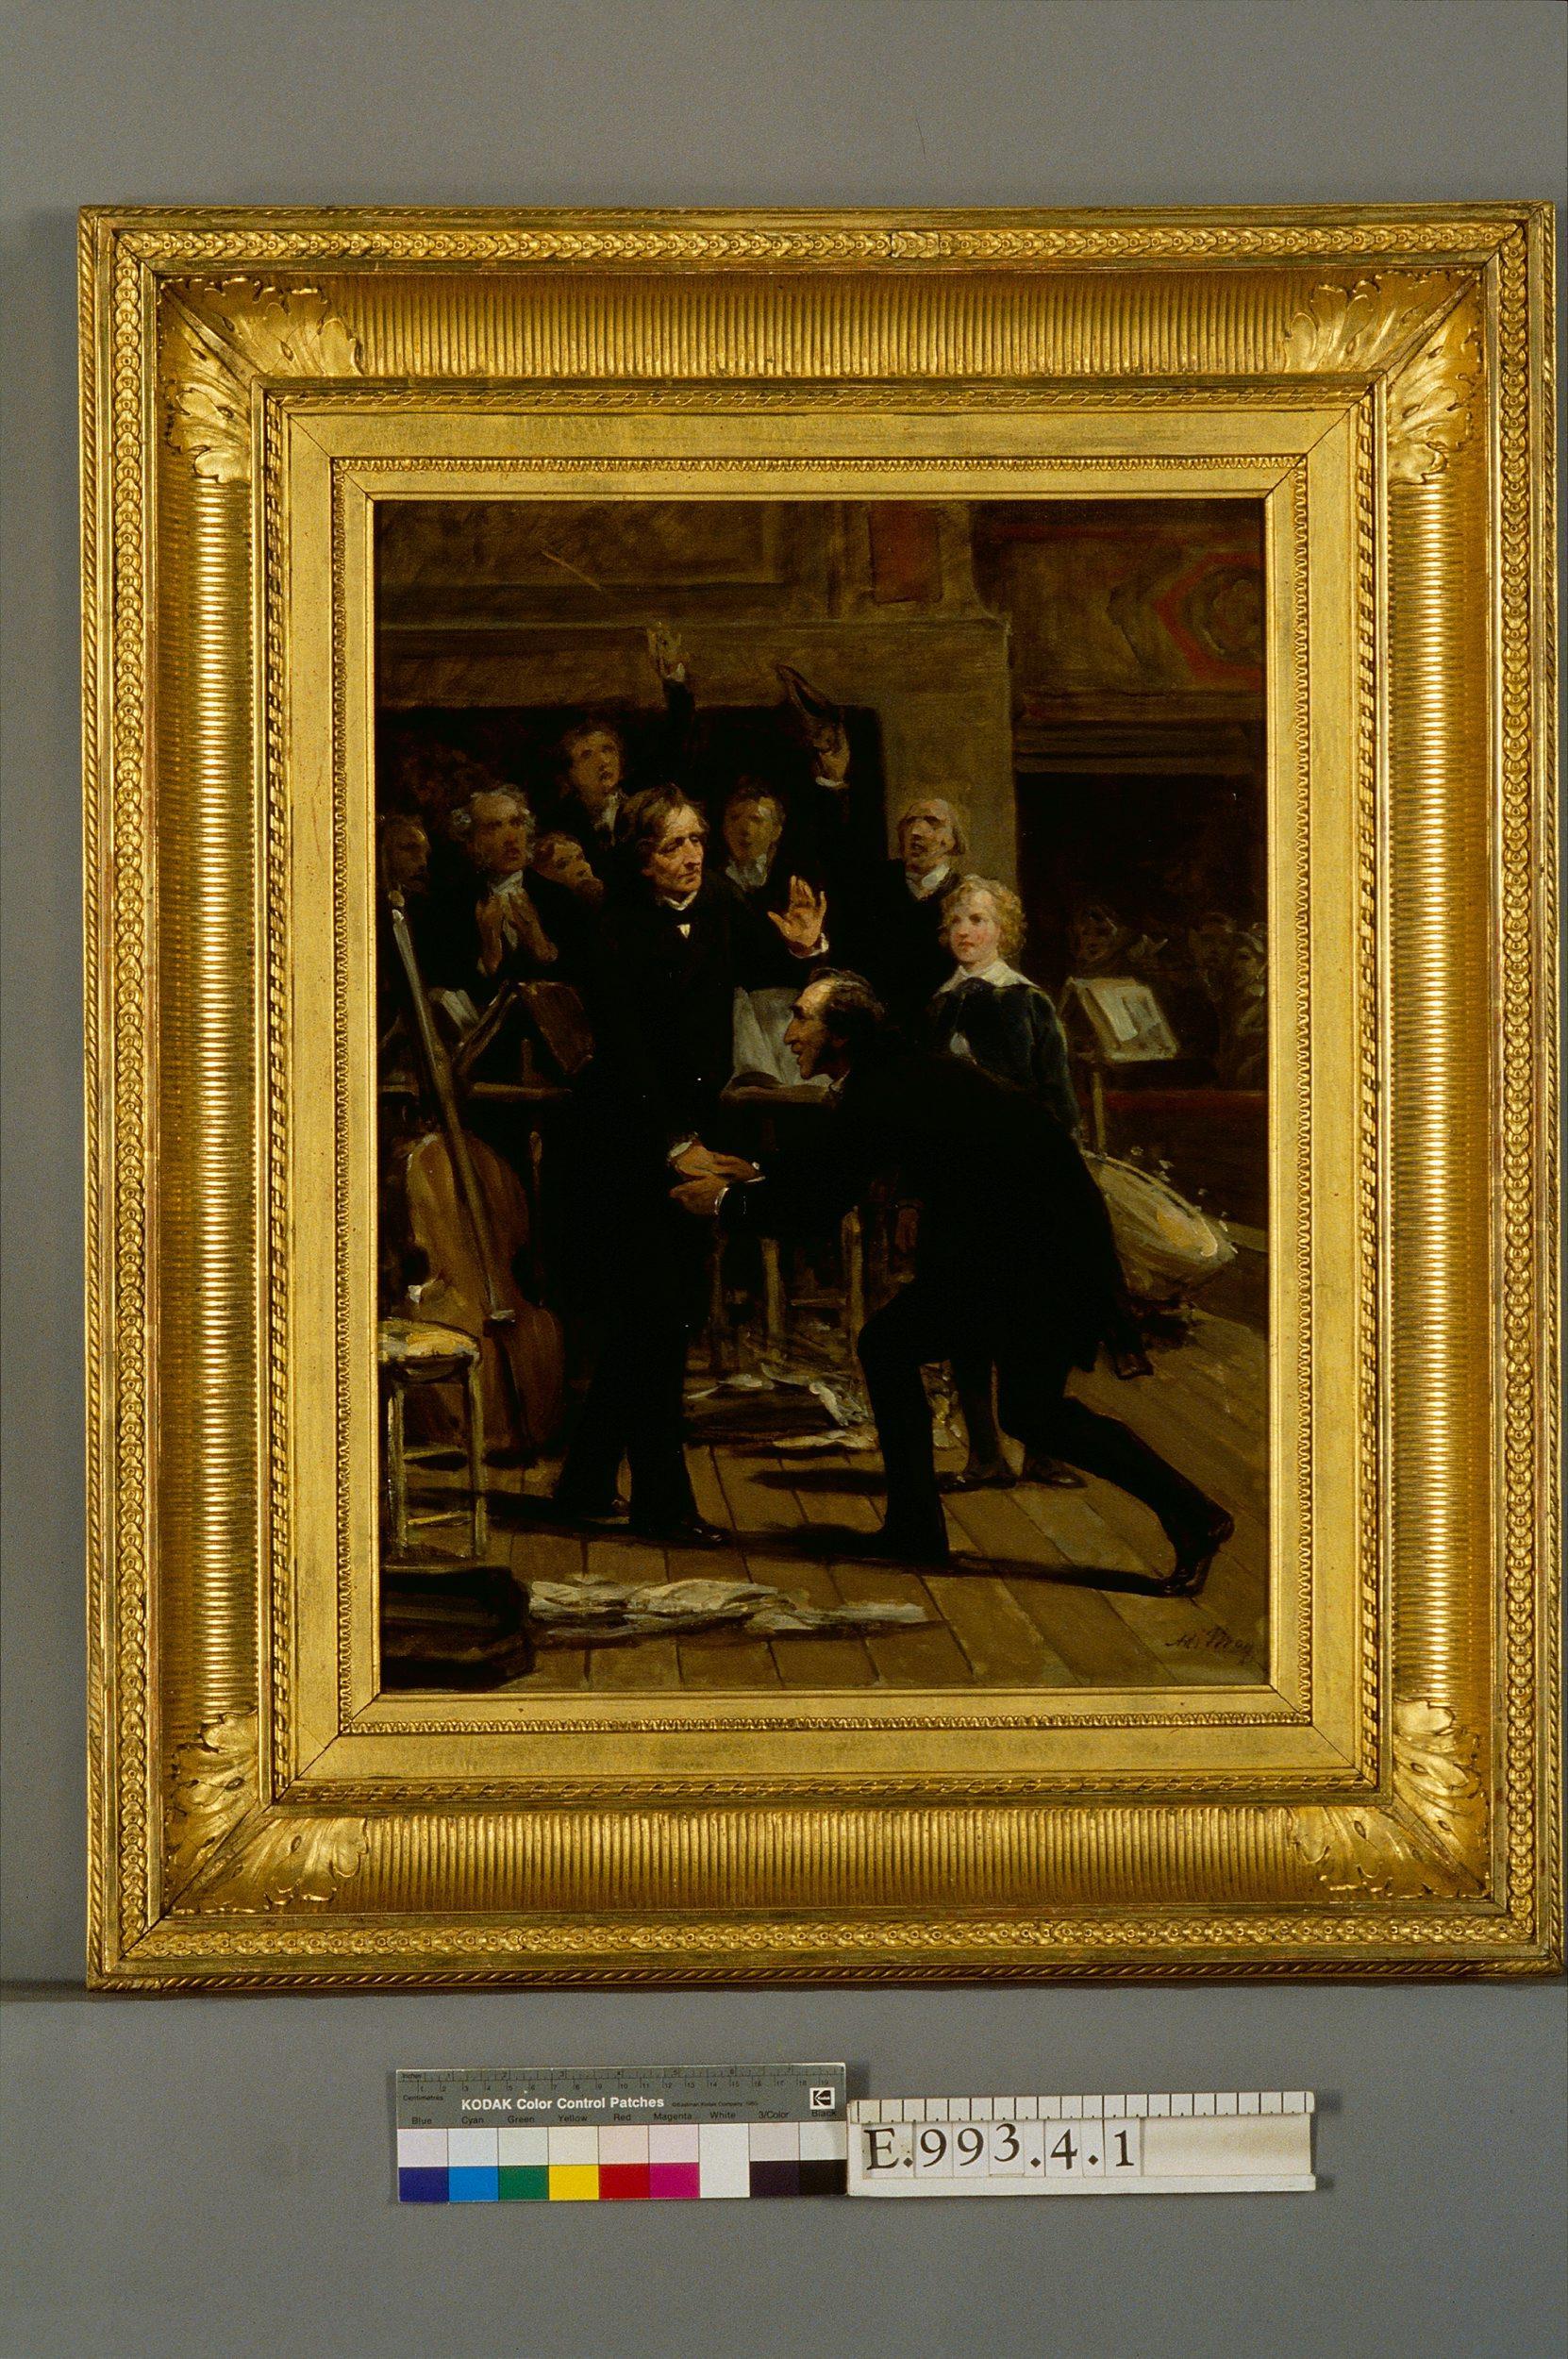 Hommage de Paganini à Berlioz lors du concert du 16 décembre 1838 | Yvon, Adolphe